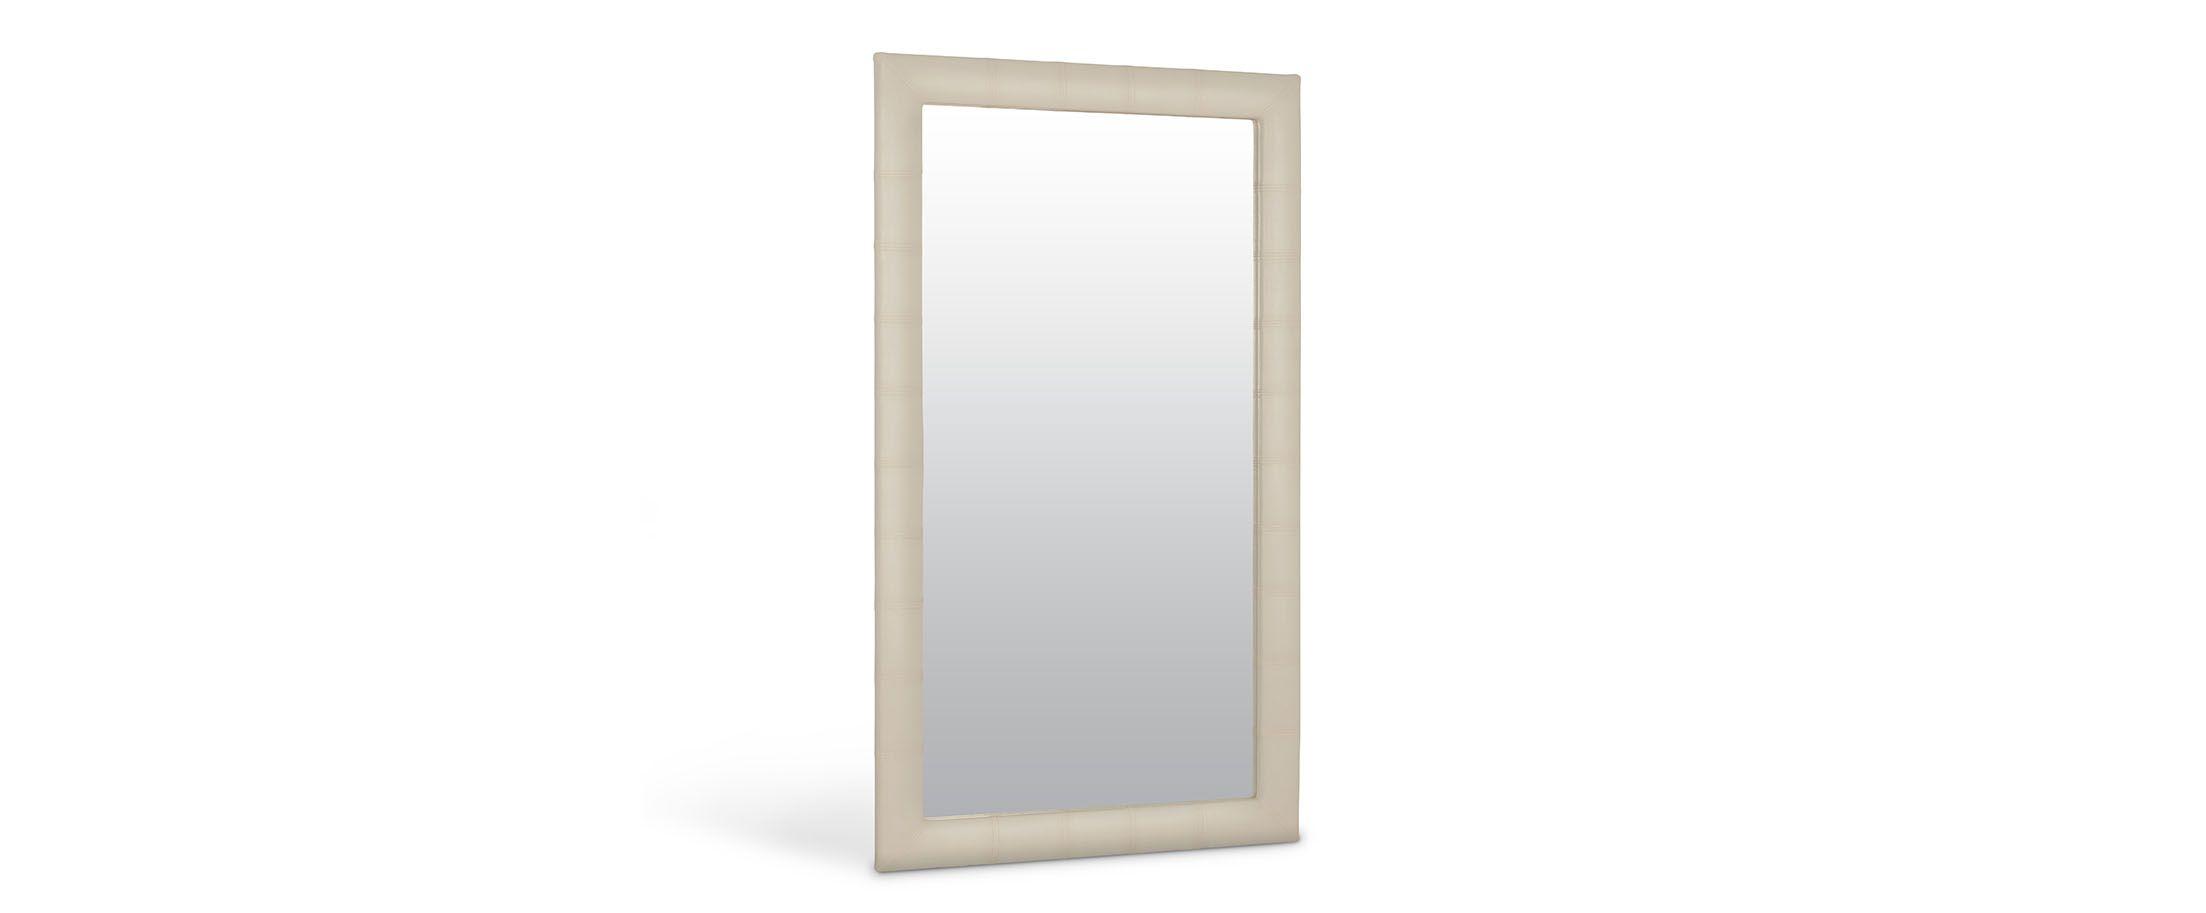 Зеркало Кааба большое суфлеЗеркало навесное в спальню. Обивка из экокожи. Артикул: К000447